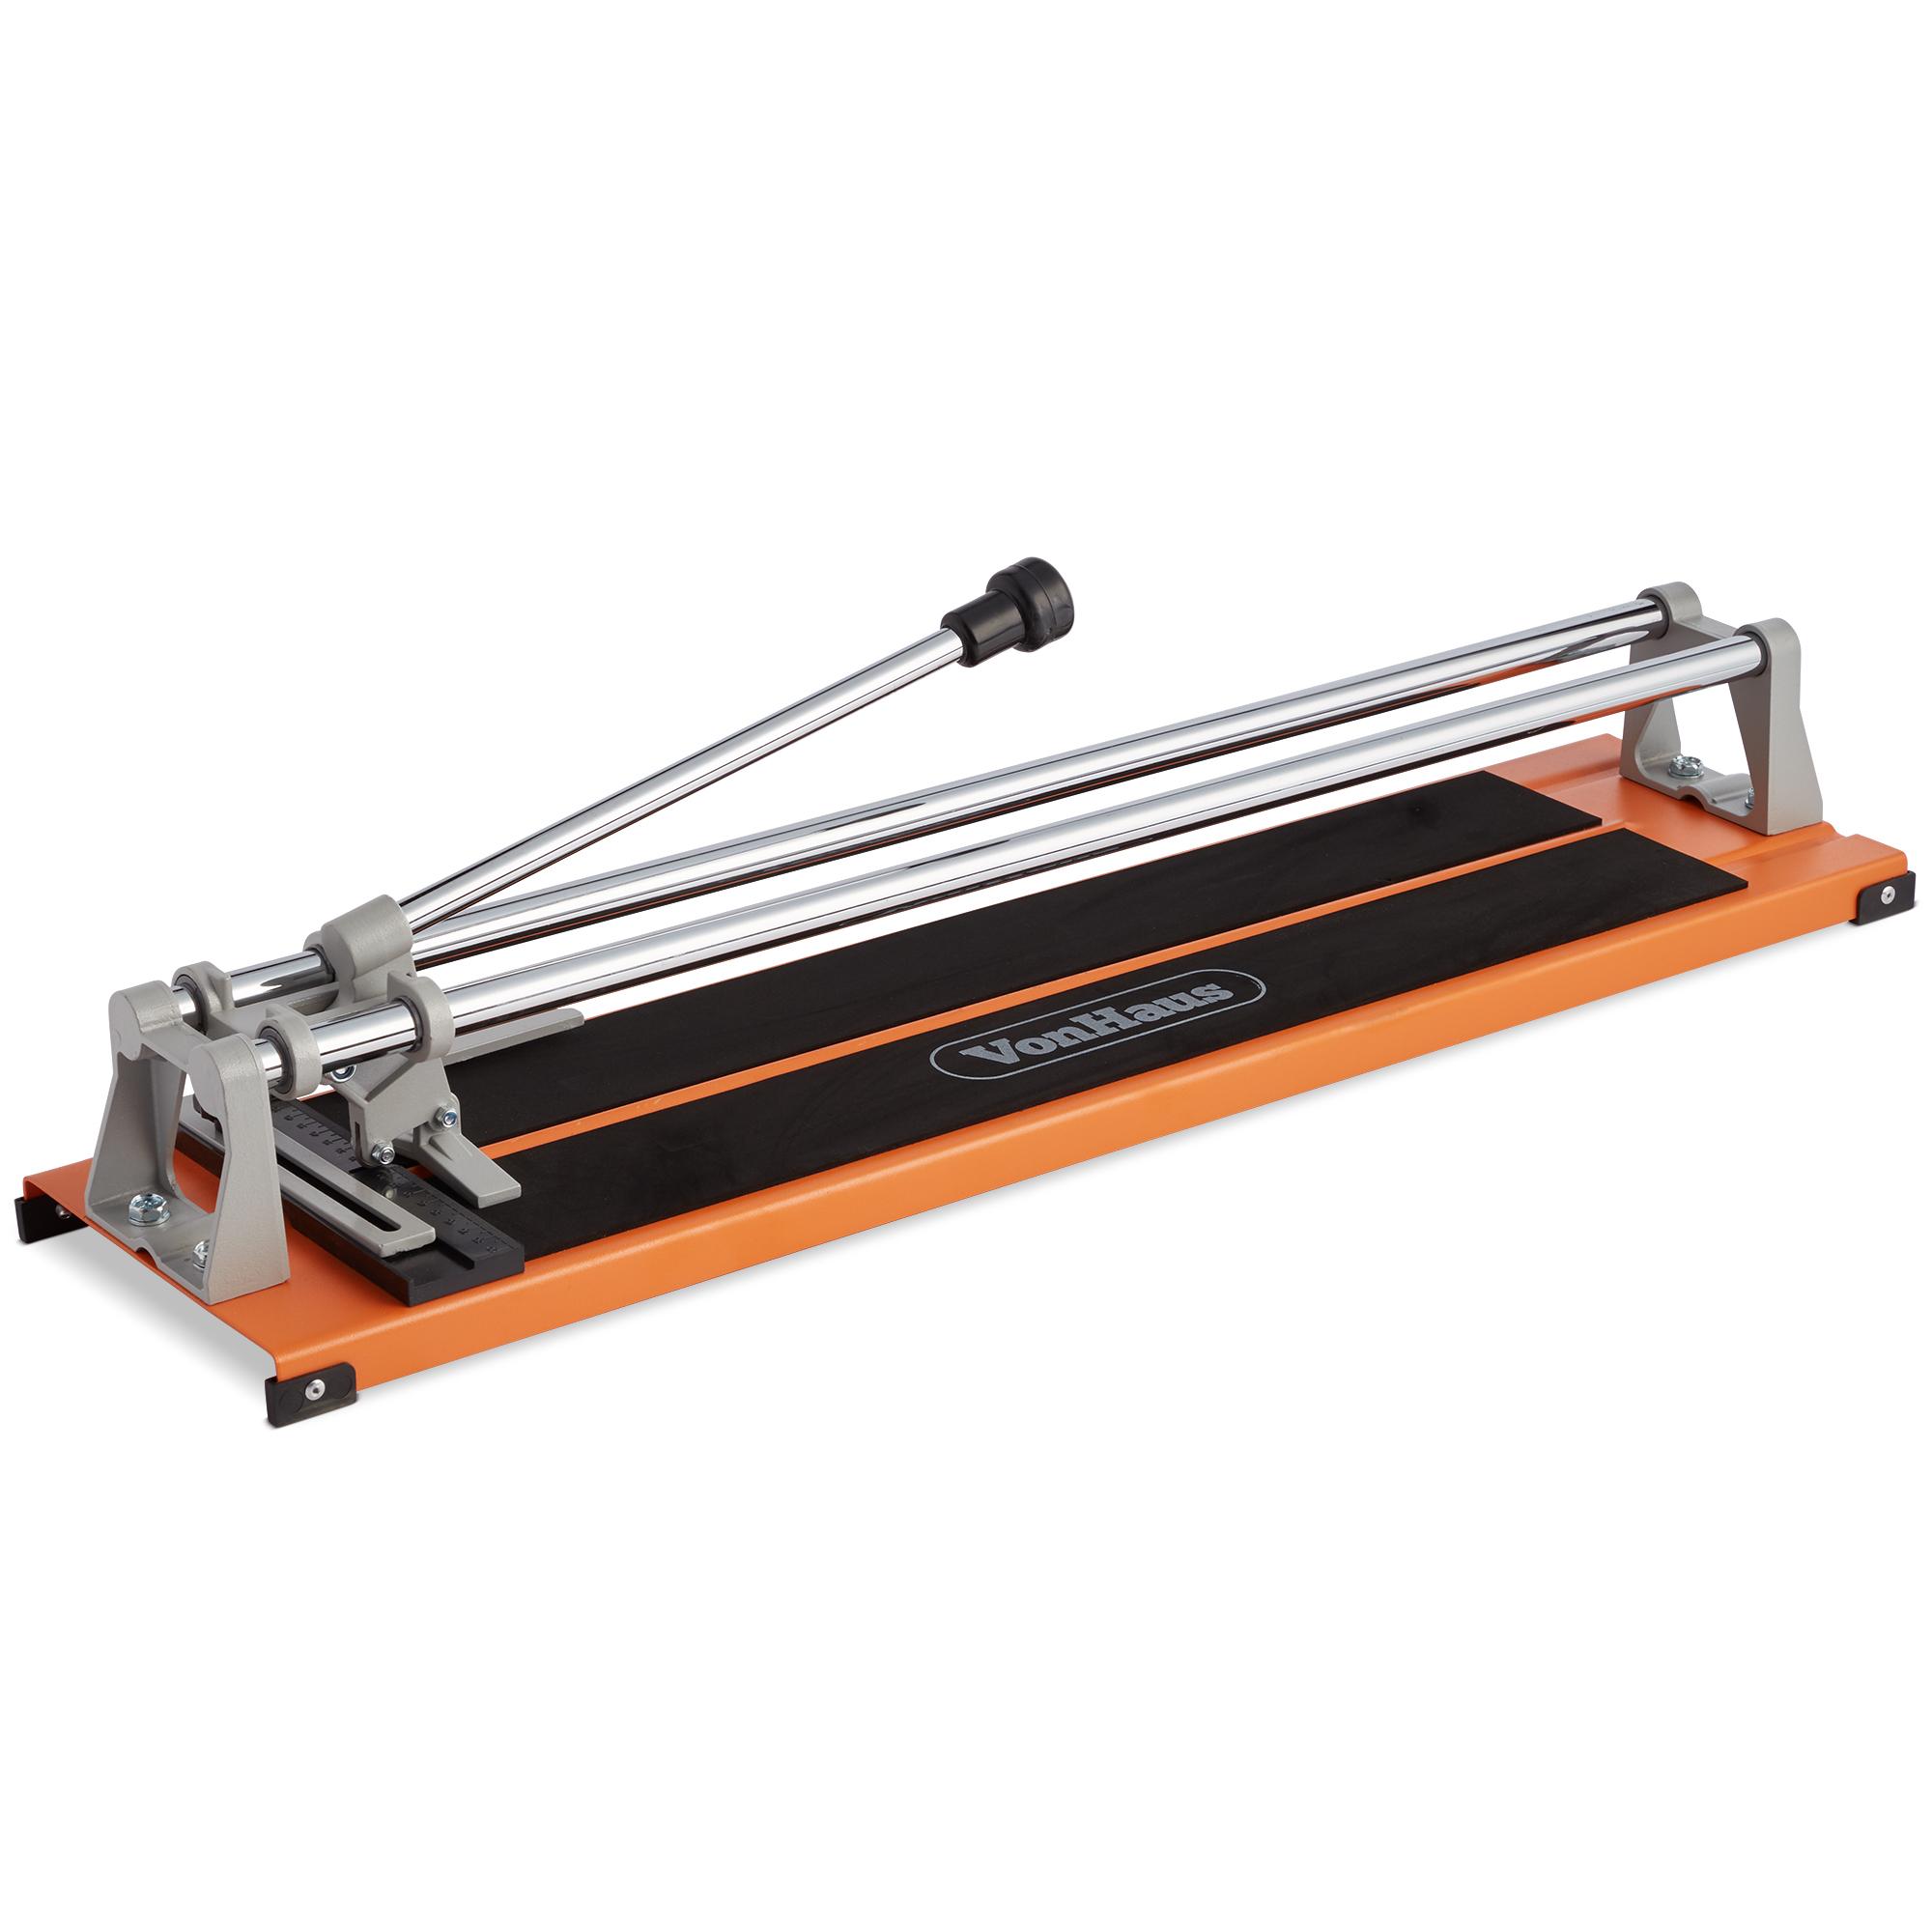 Vitrex manual tile cutter 330mm craftsman half inch drive socket set